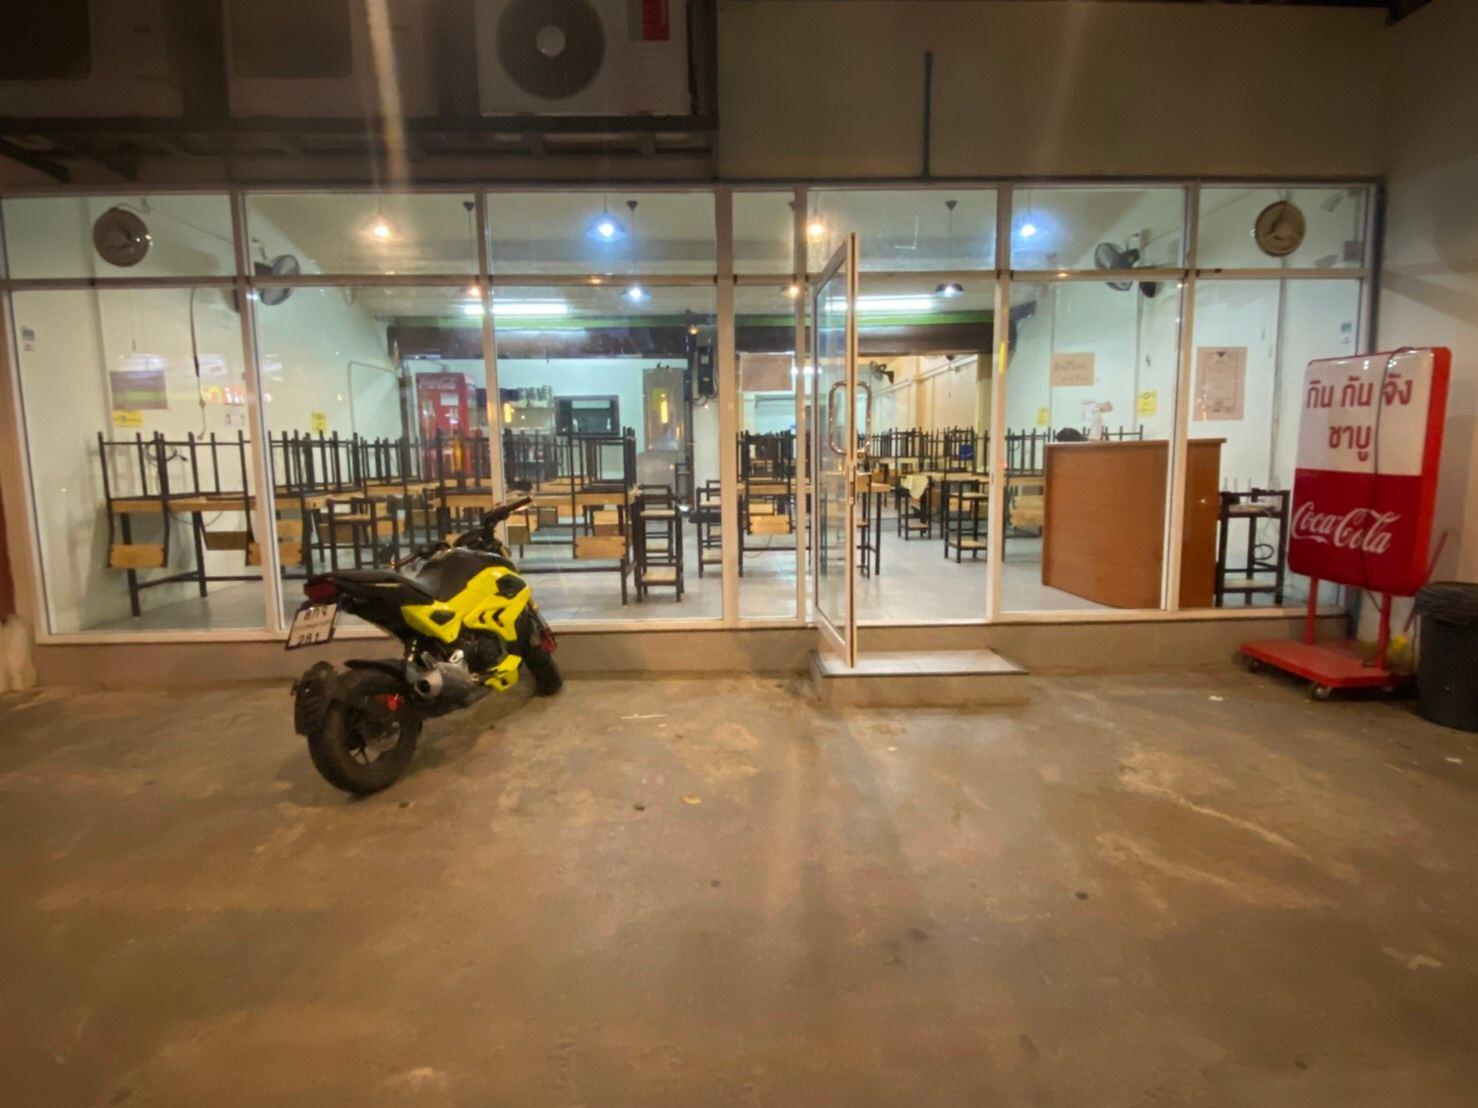 เซ้ง!! ร้านชาบู ใกล้มหาลัยมหิดล @นครปฐม ( ต.ศาลายา อ.พุทธมณฑล )